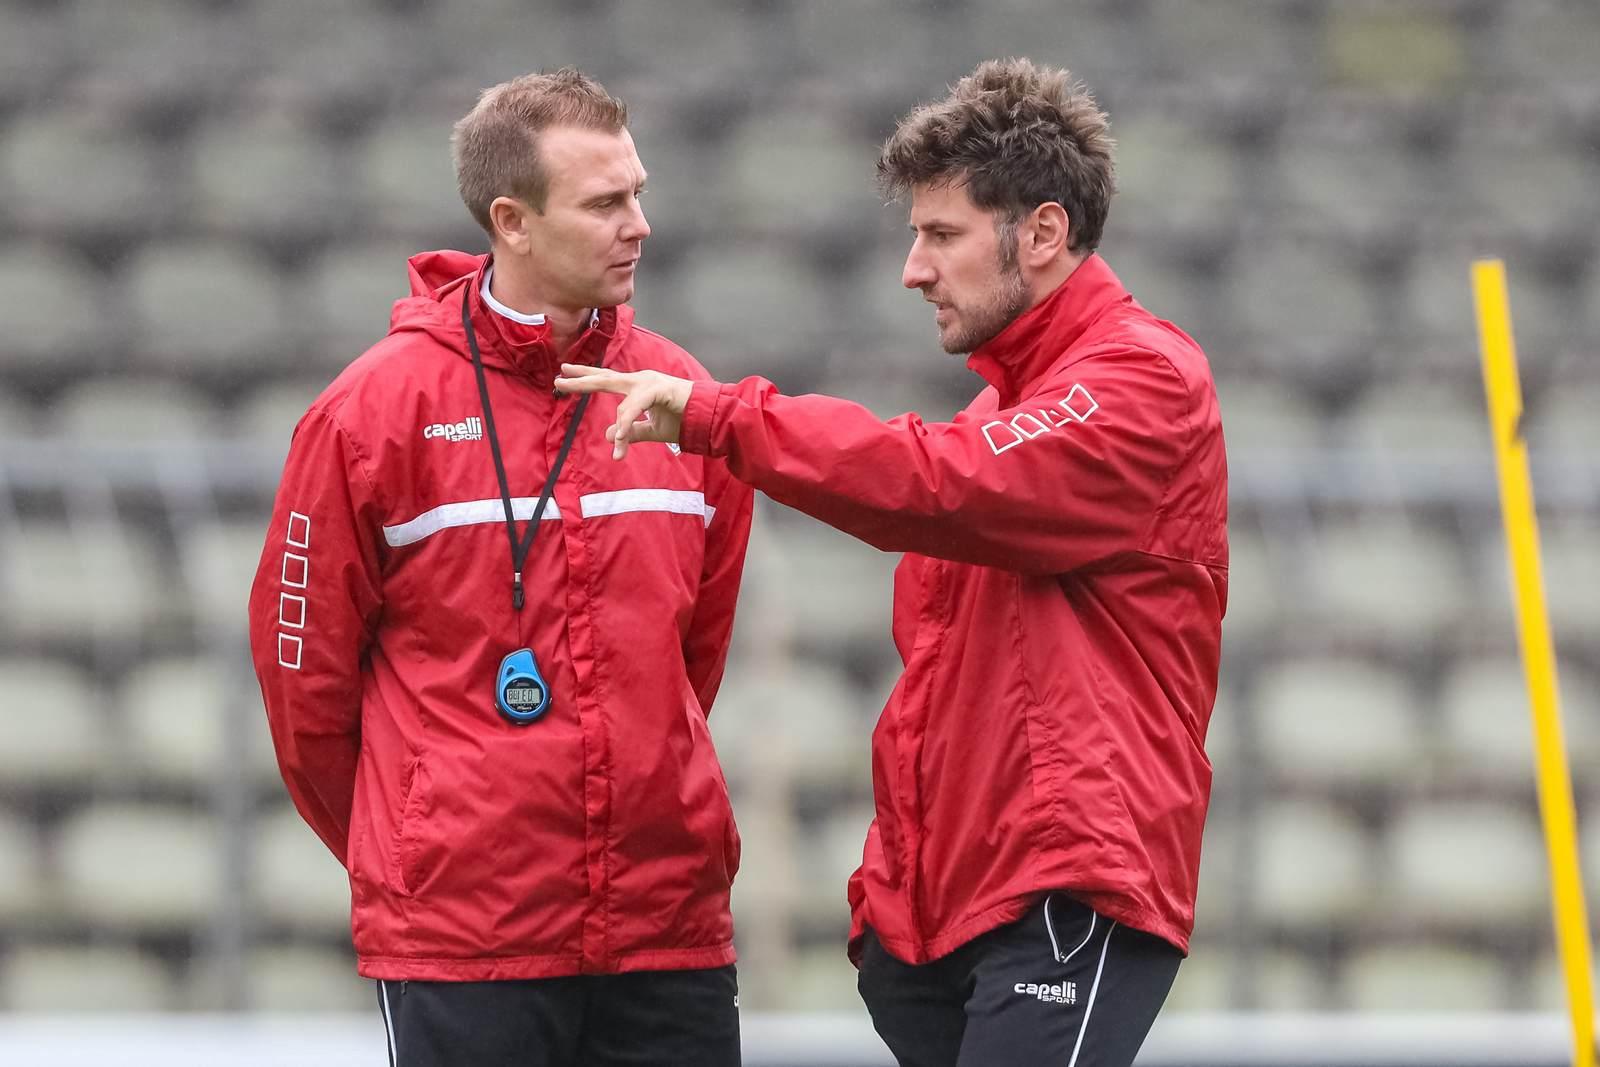 Daniel Steuernagel und Stefan Reisinger vom KFC Uerdingen